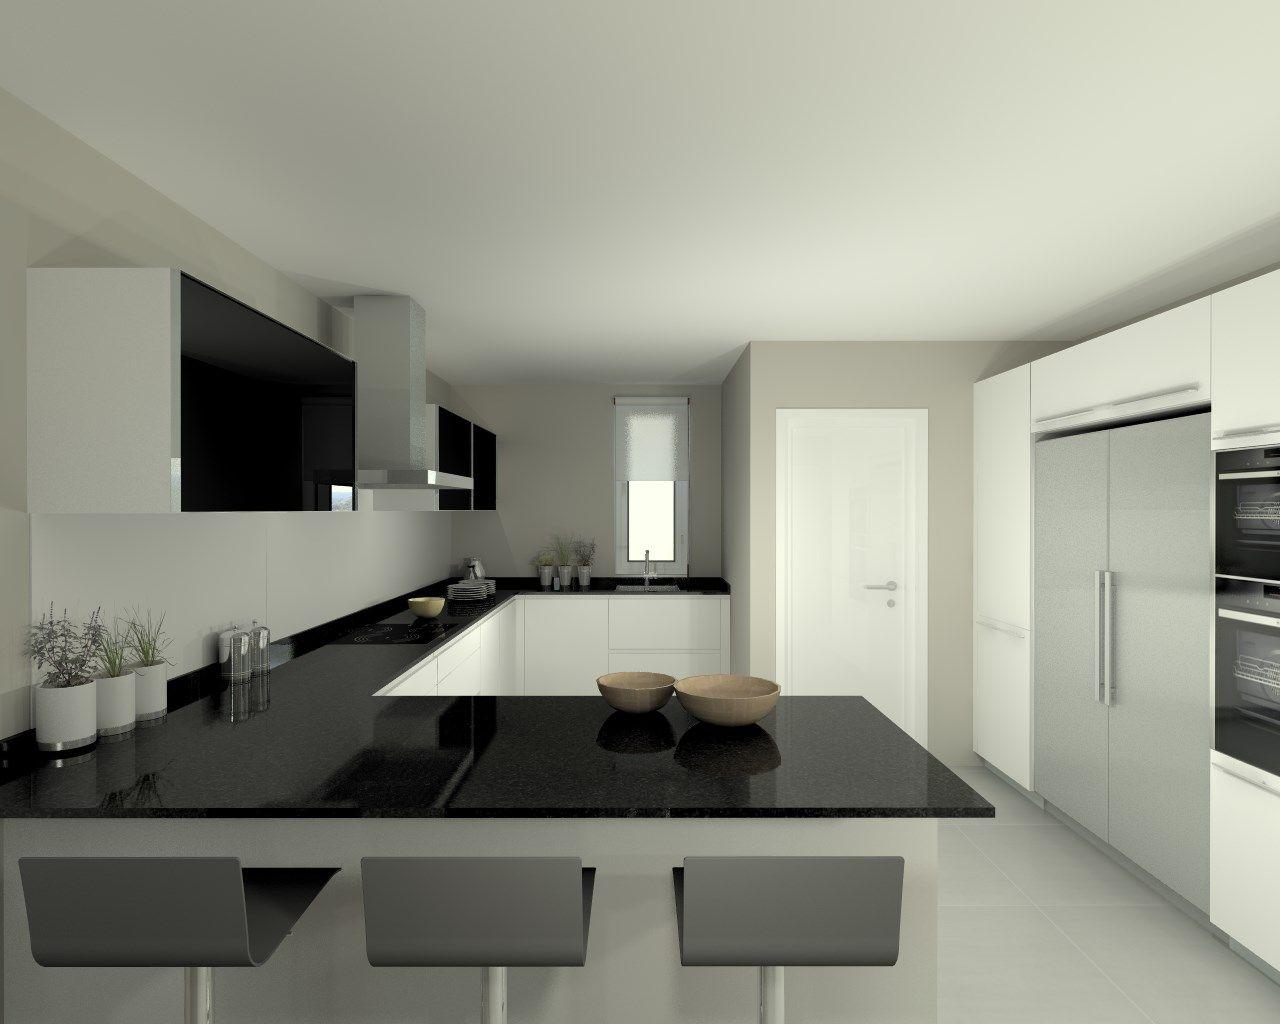 Modelo line e blanco encimera granito negro cocinas Cocina blanca encimera granito negra